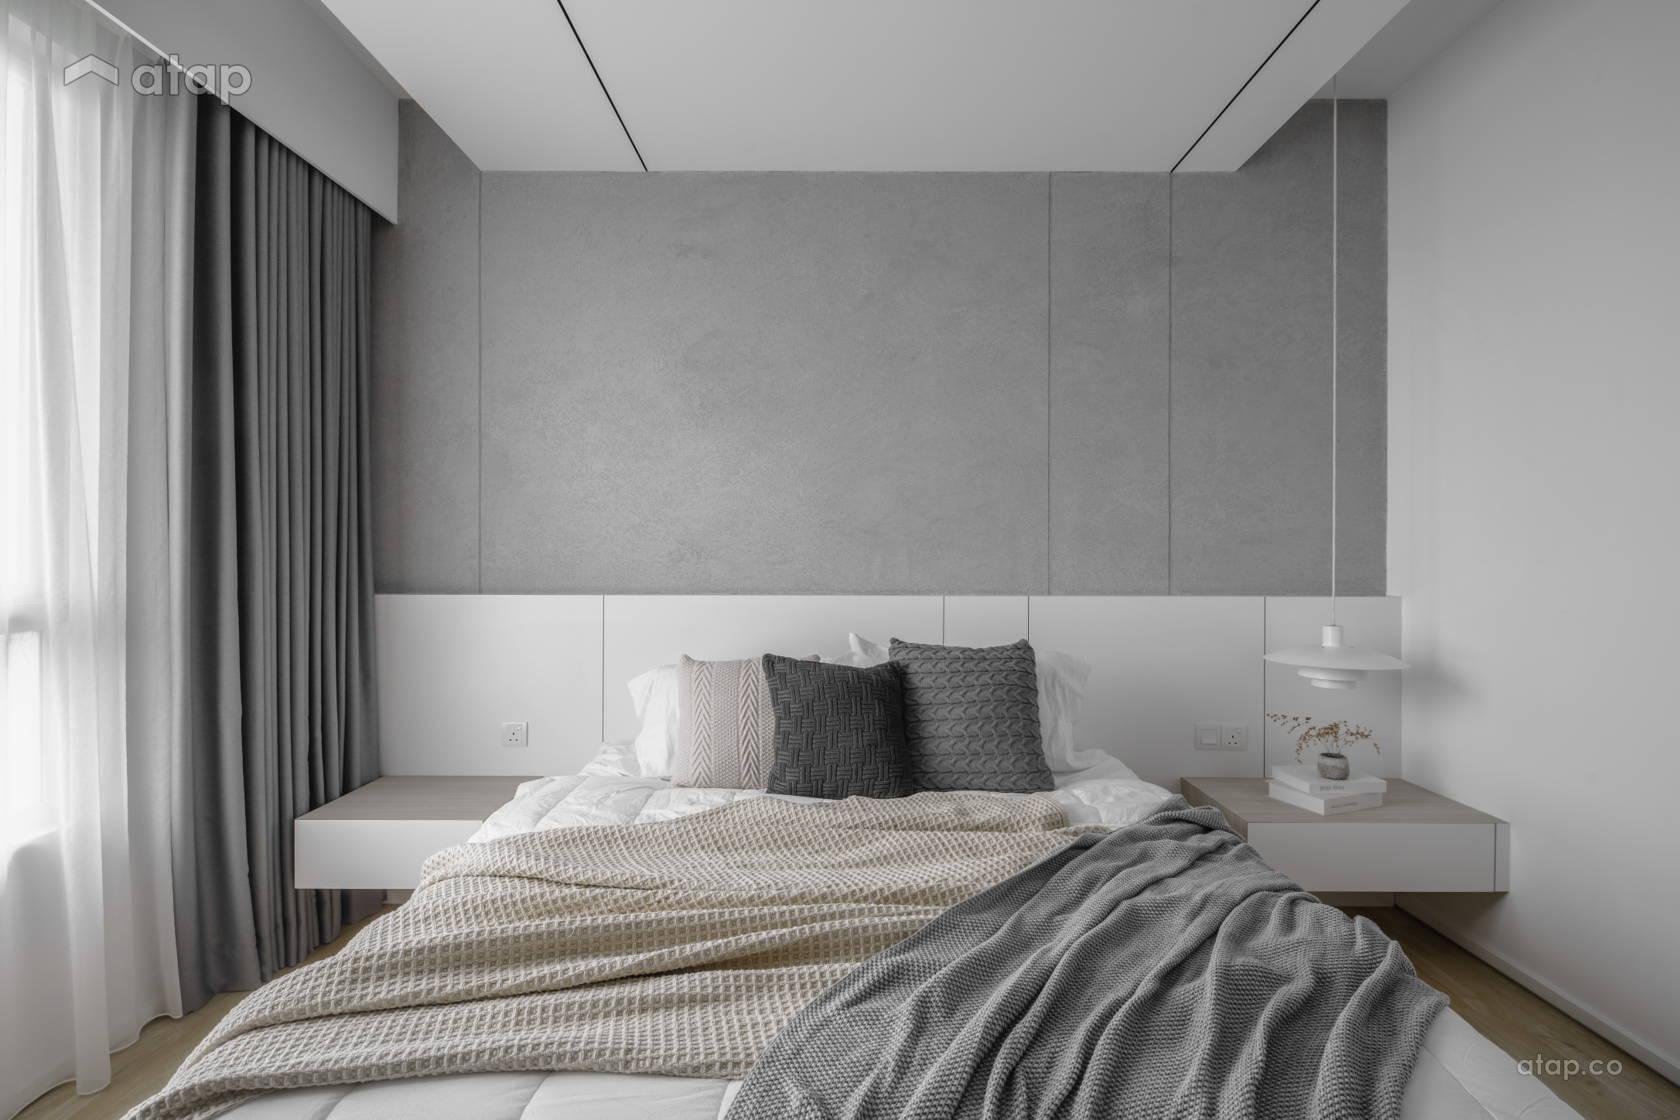 hatsuhinode-condominium-pins-studio-neutral-tone-bedroom